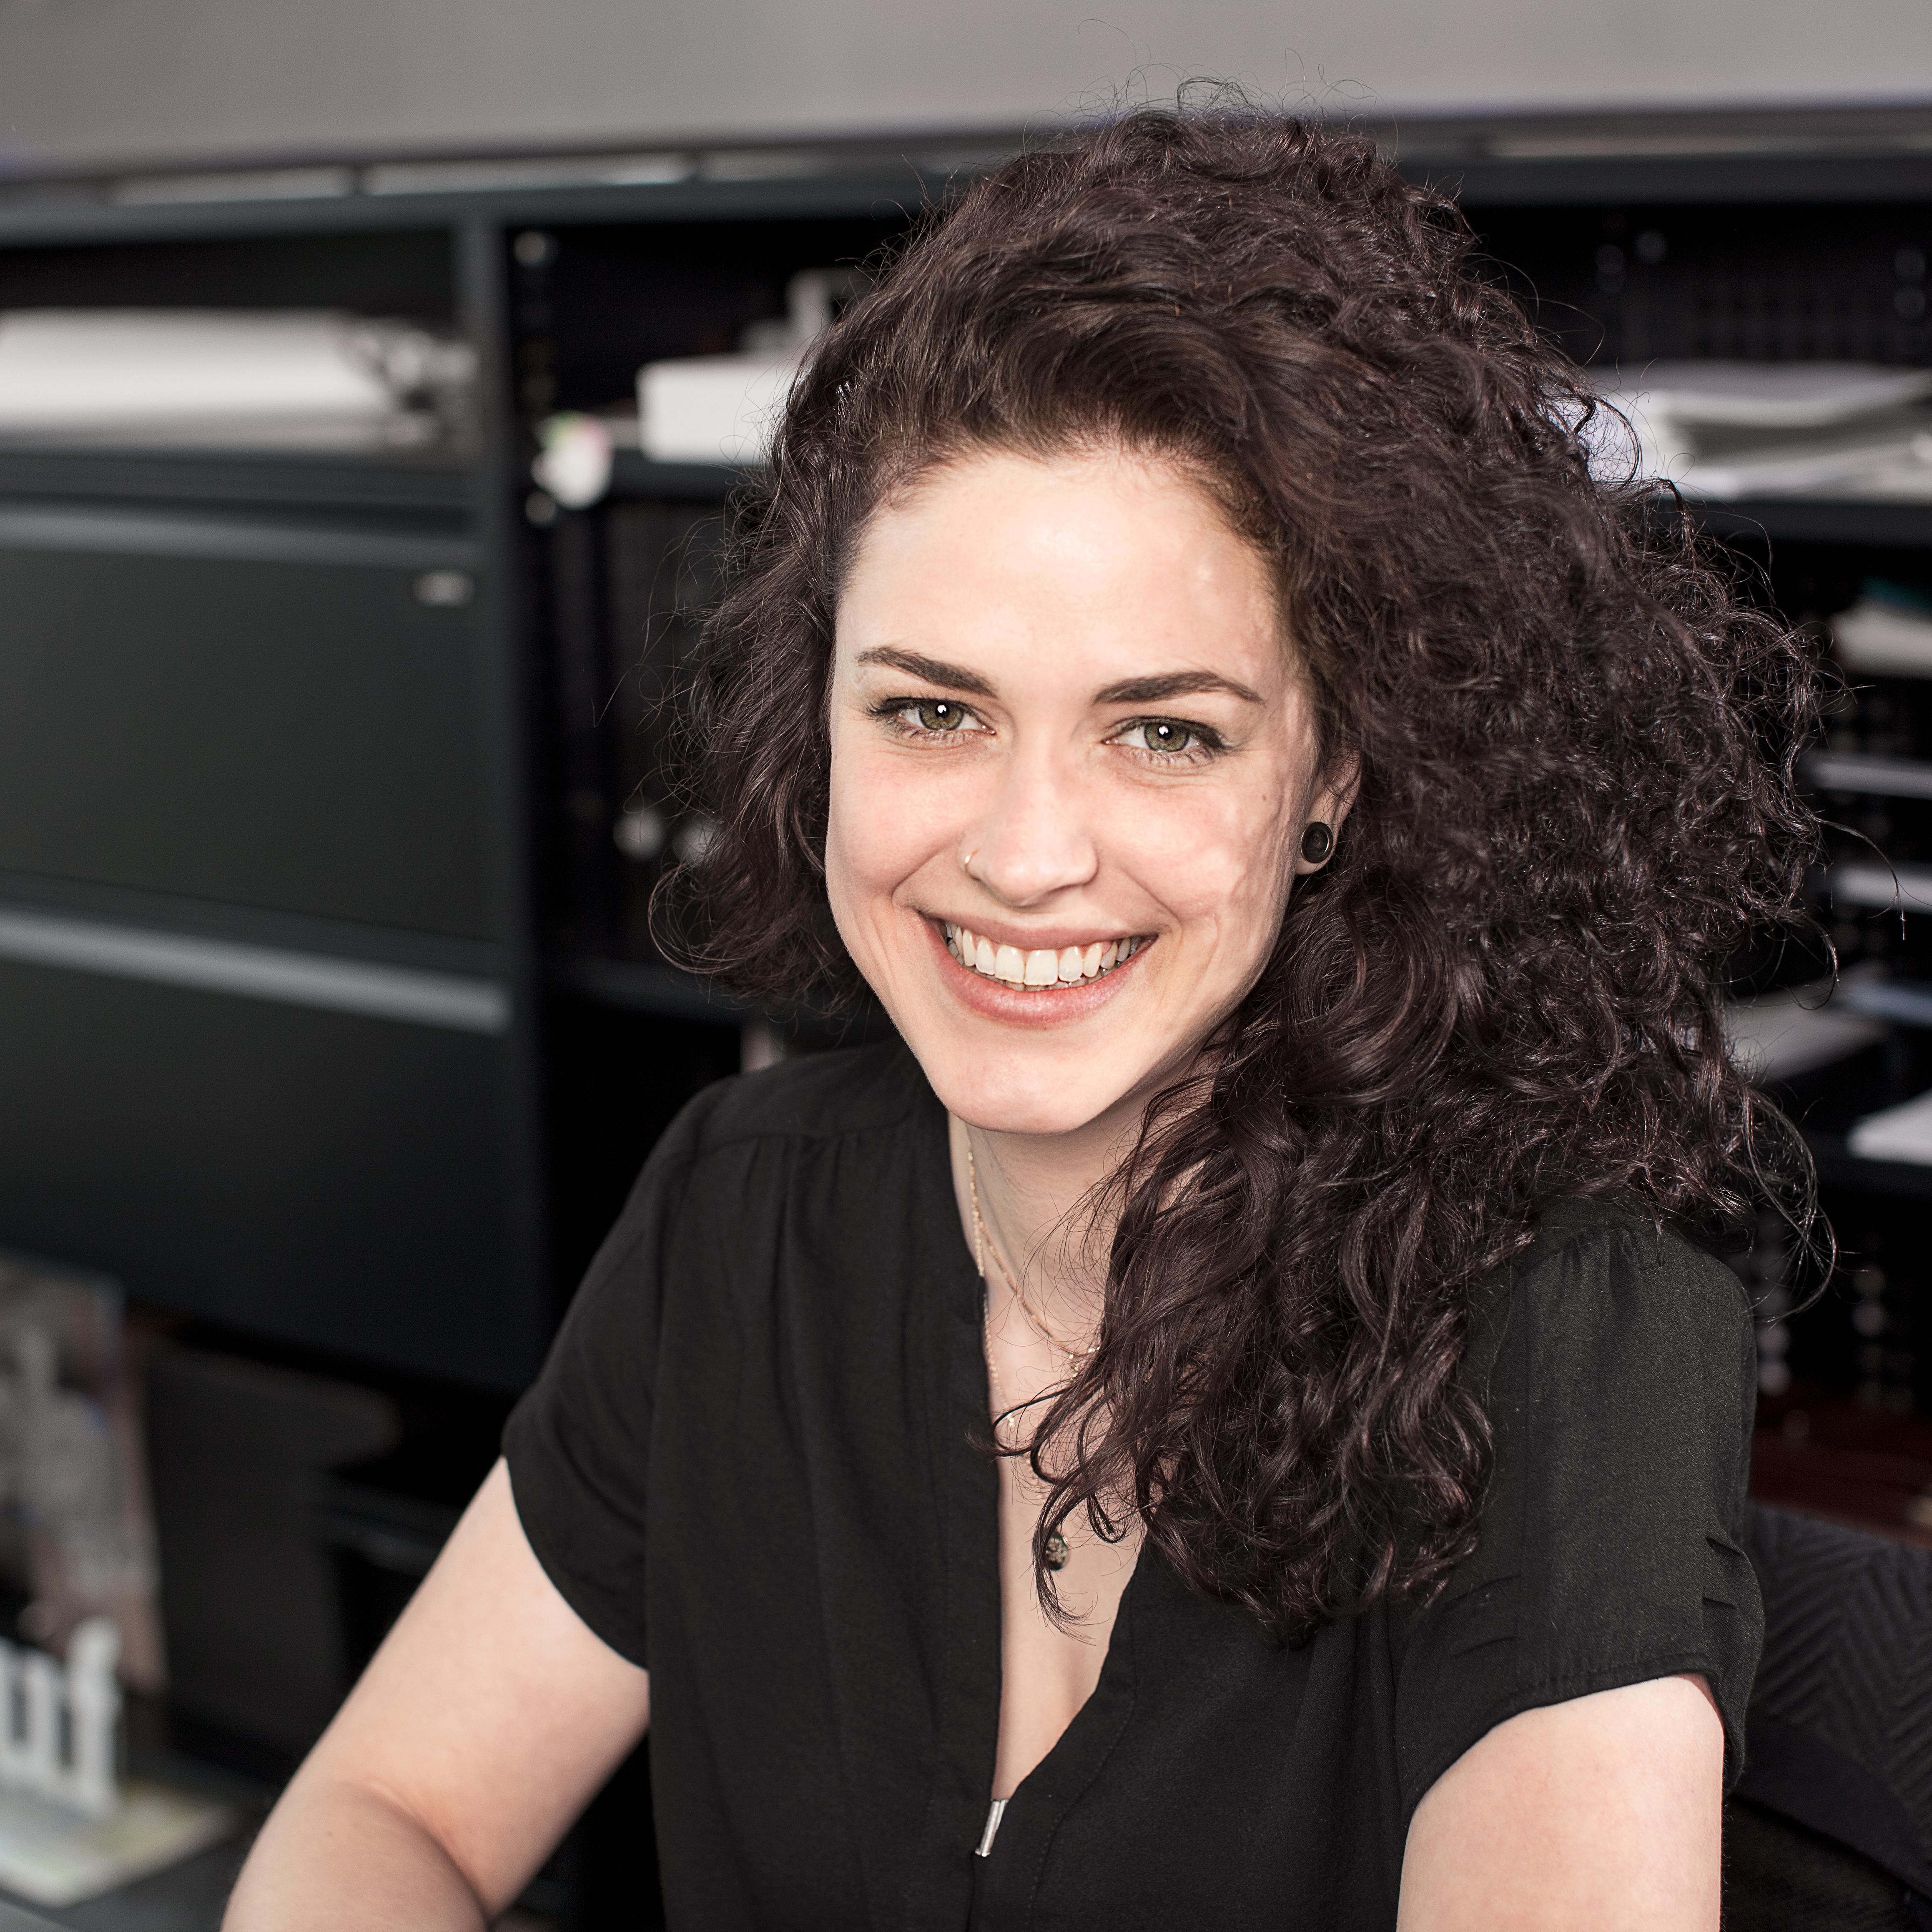 Andrea Oberholzer